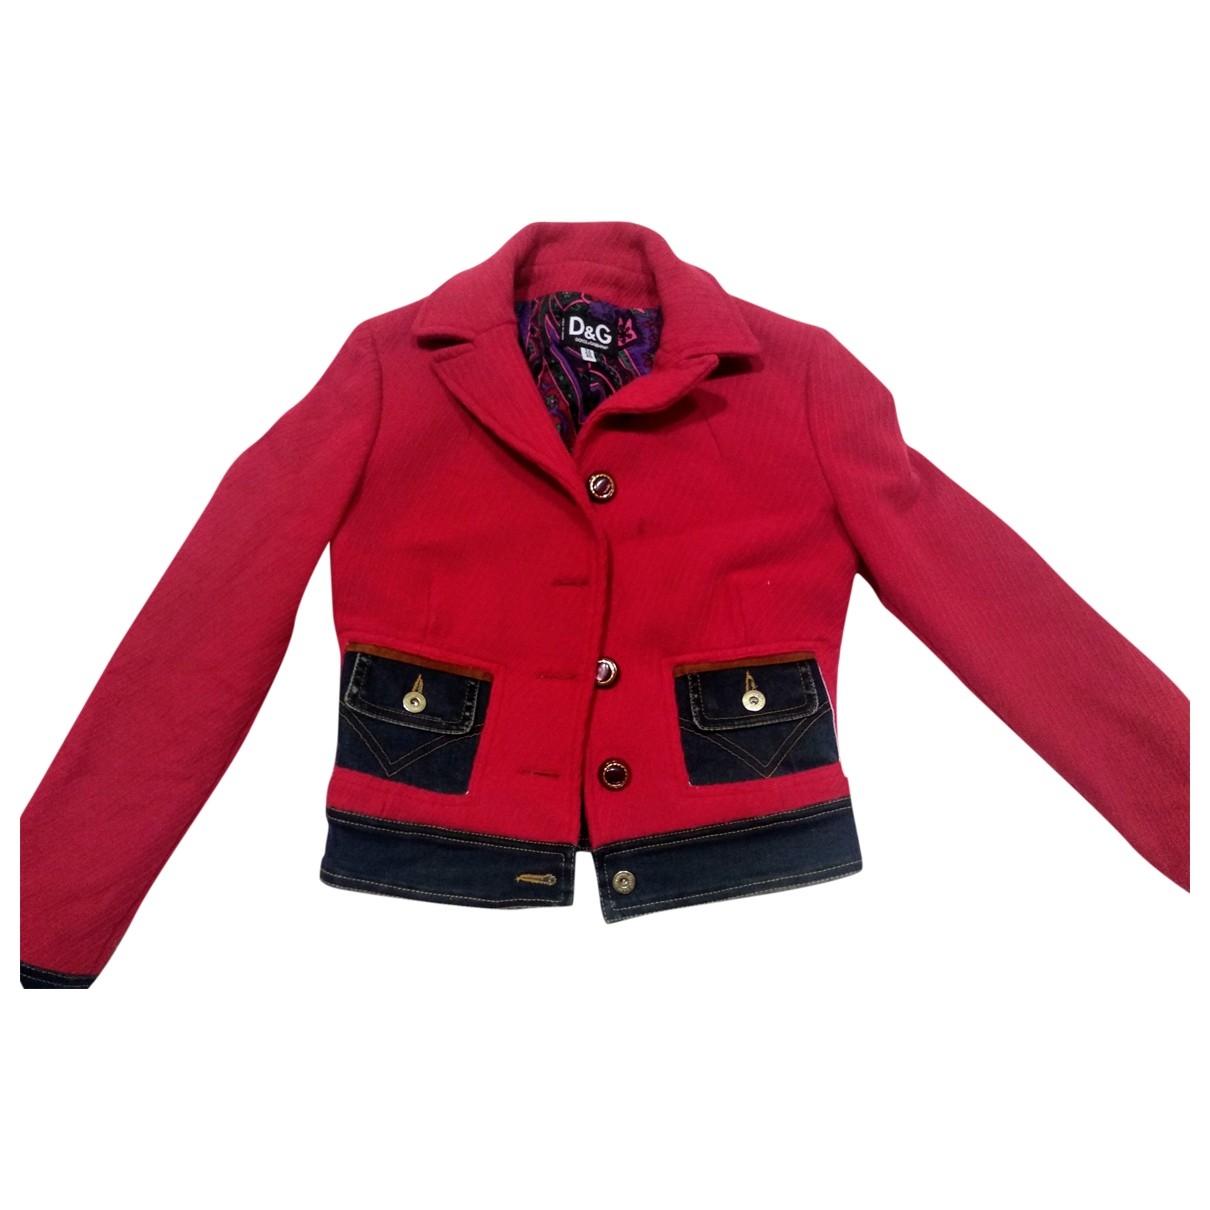 D&g - Veste   pour femme en coton - rouge